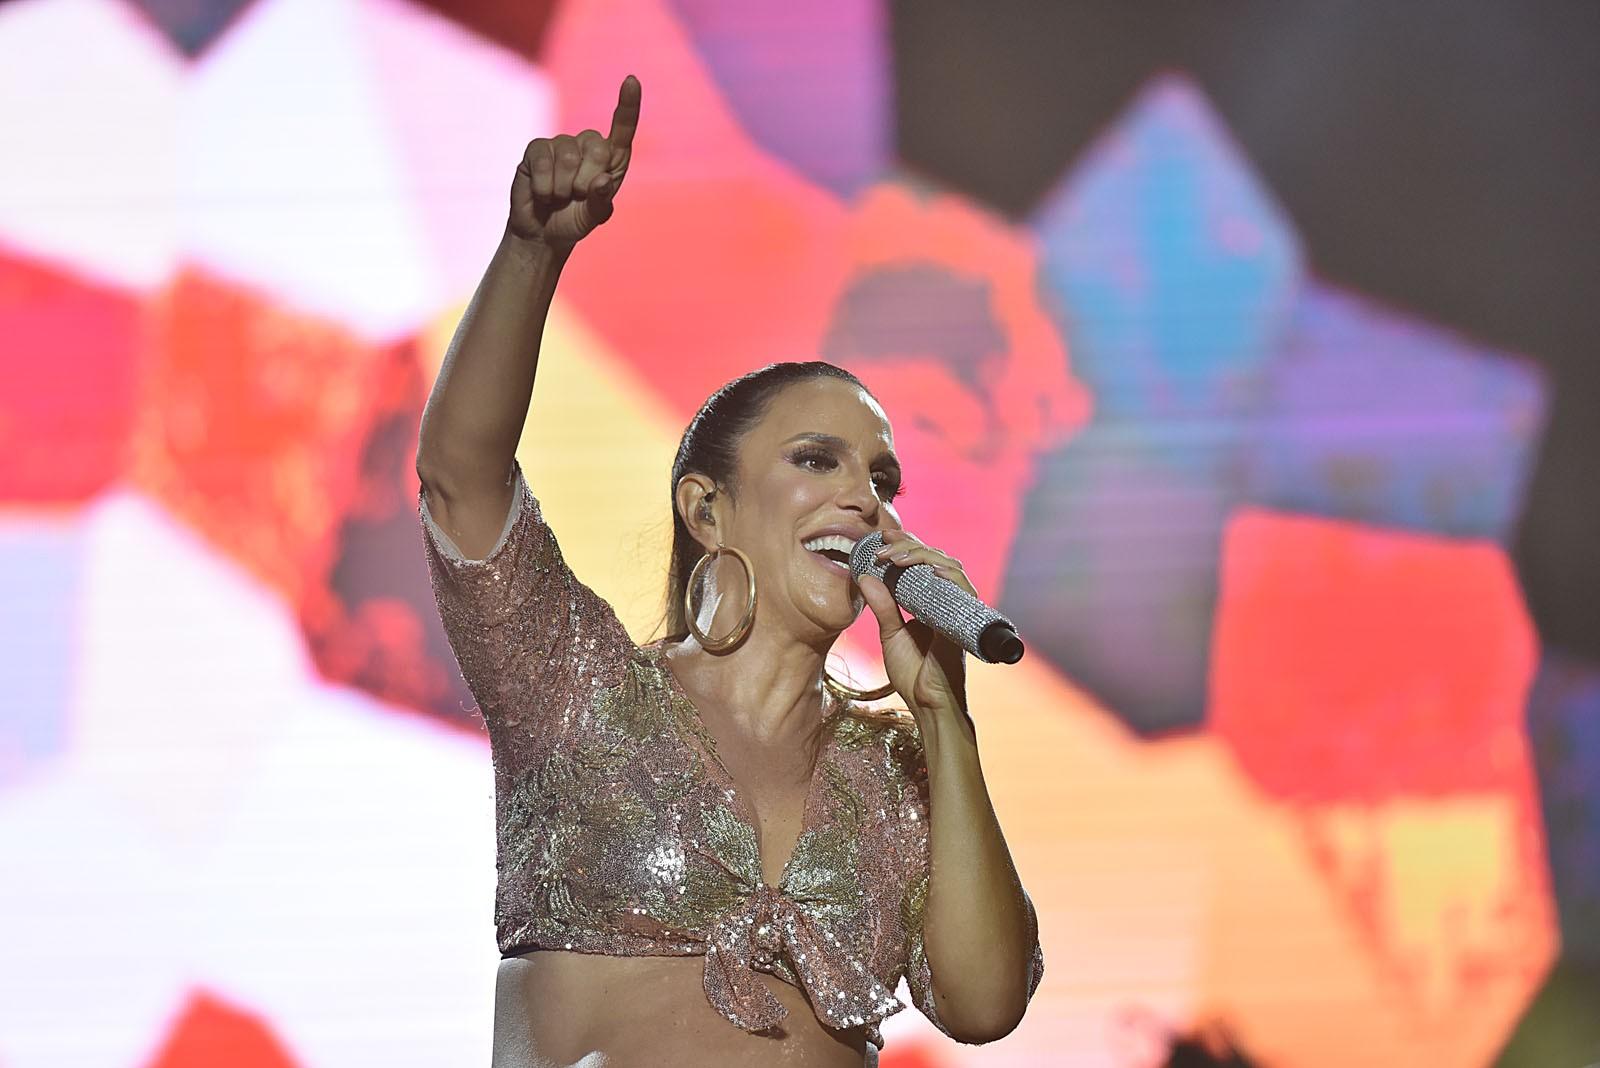 Com barrigão de fora, Ivete transforma o FV2017 em um circuito do carnaval de Salvador das antigas